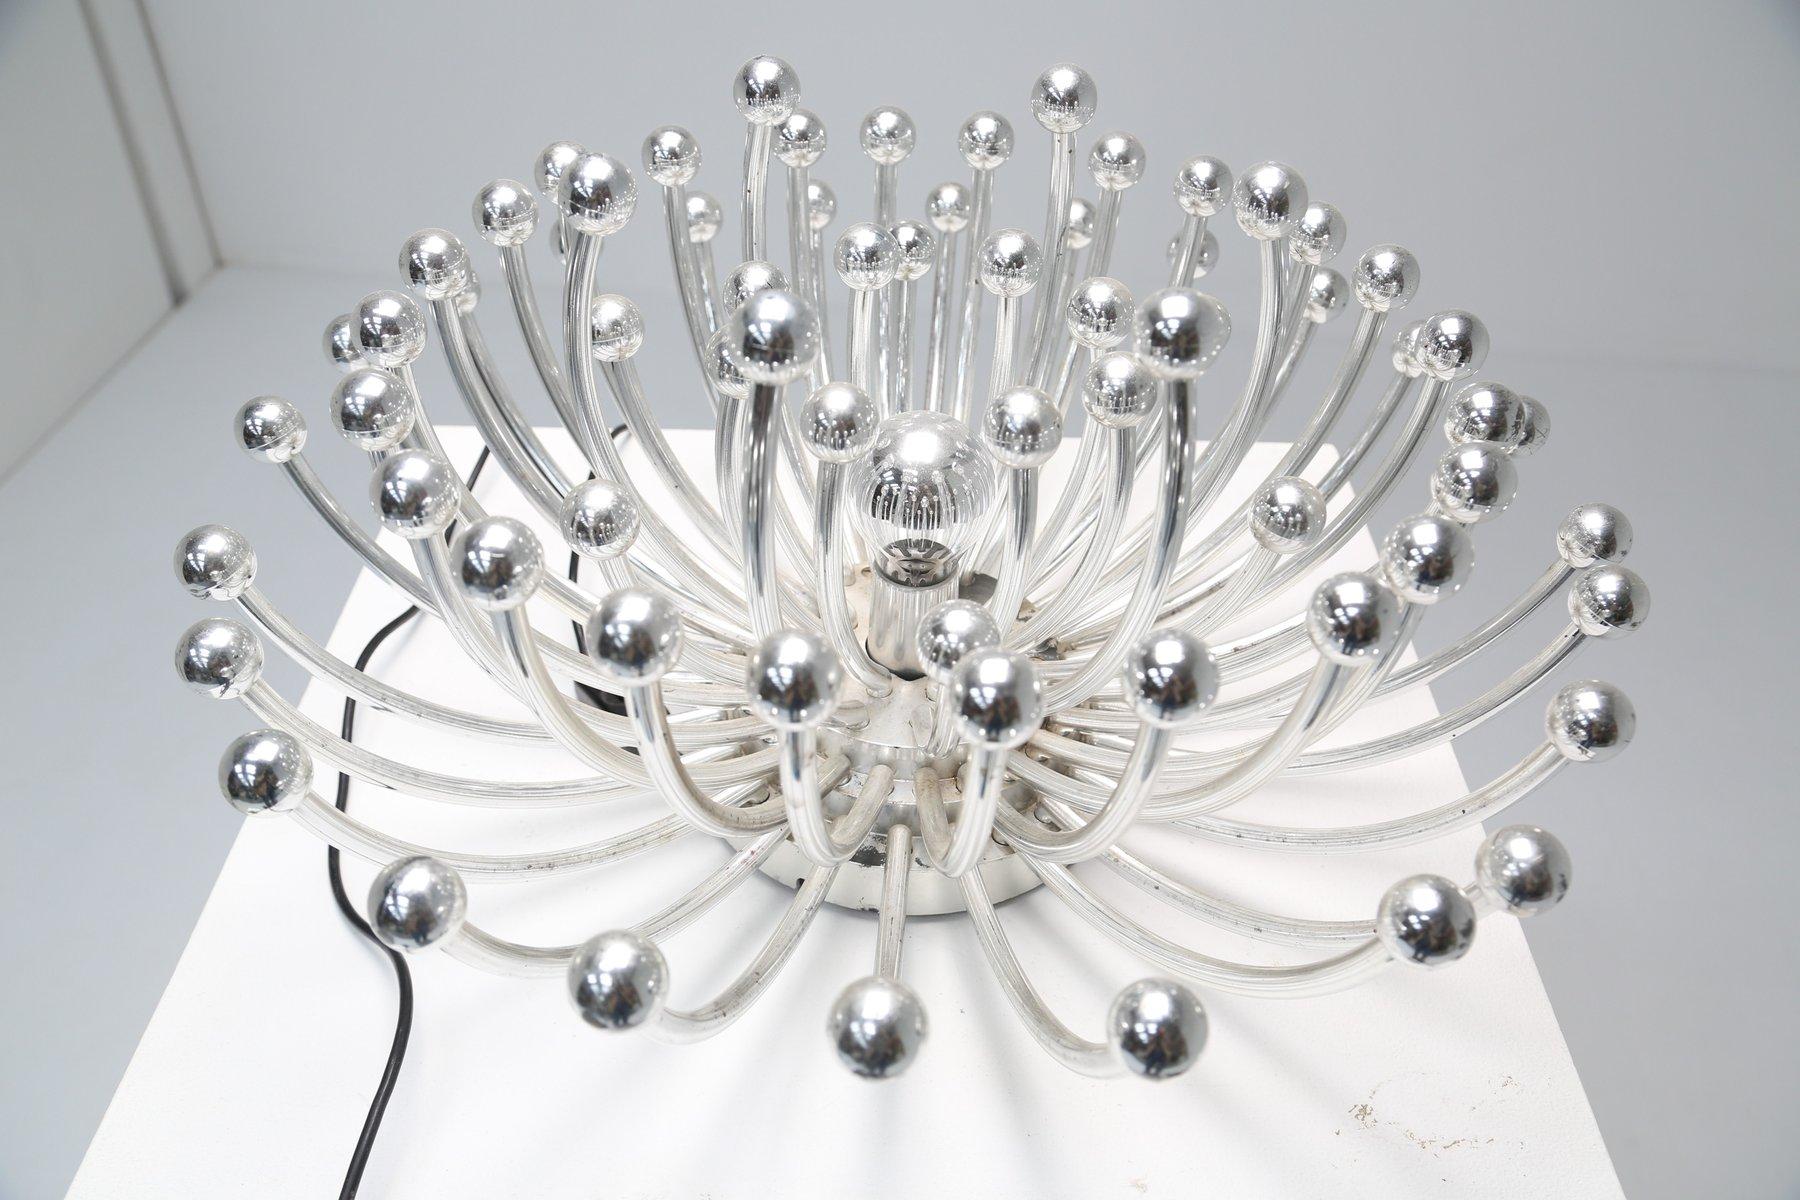 Pistillo Lamp (1969) – Studio Tetrarch